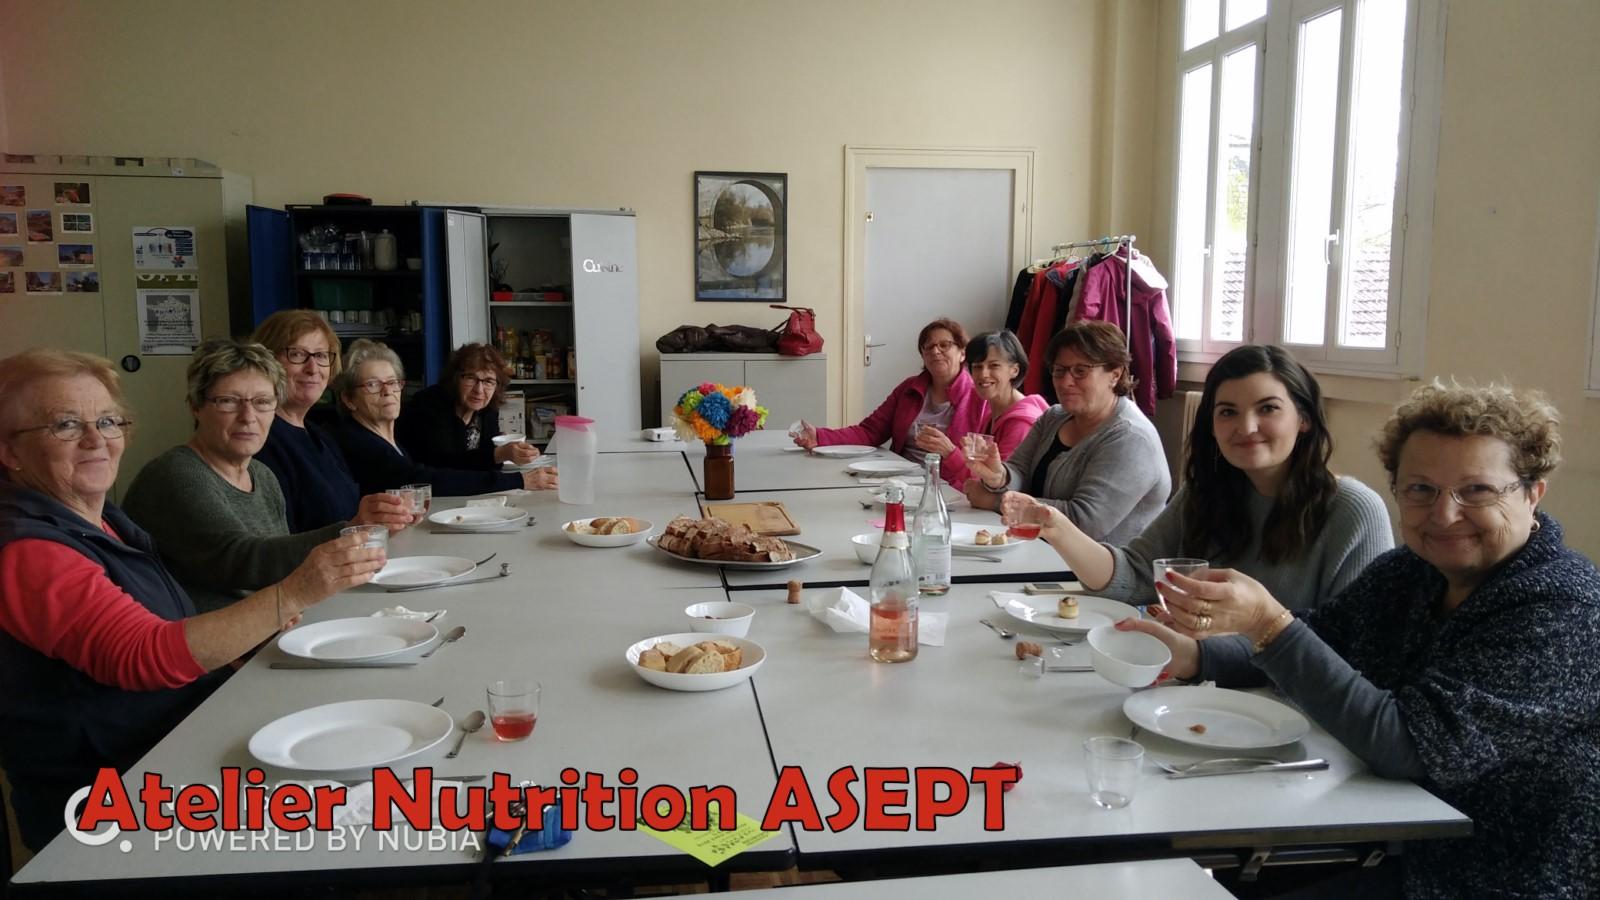 91Atelier Nutrition ASEPT